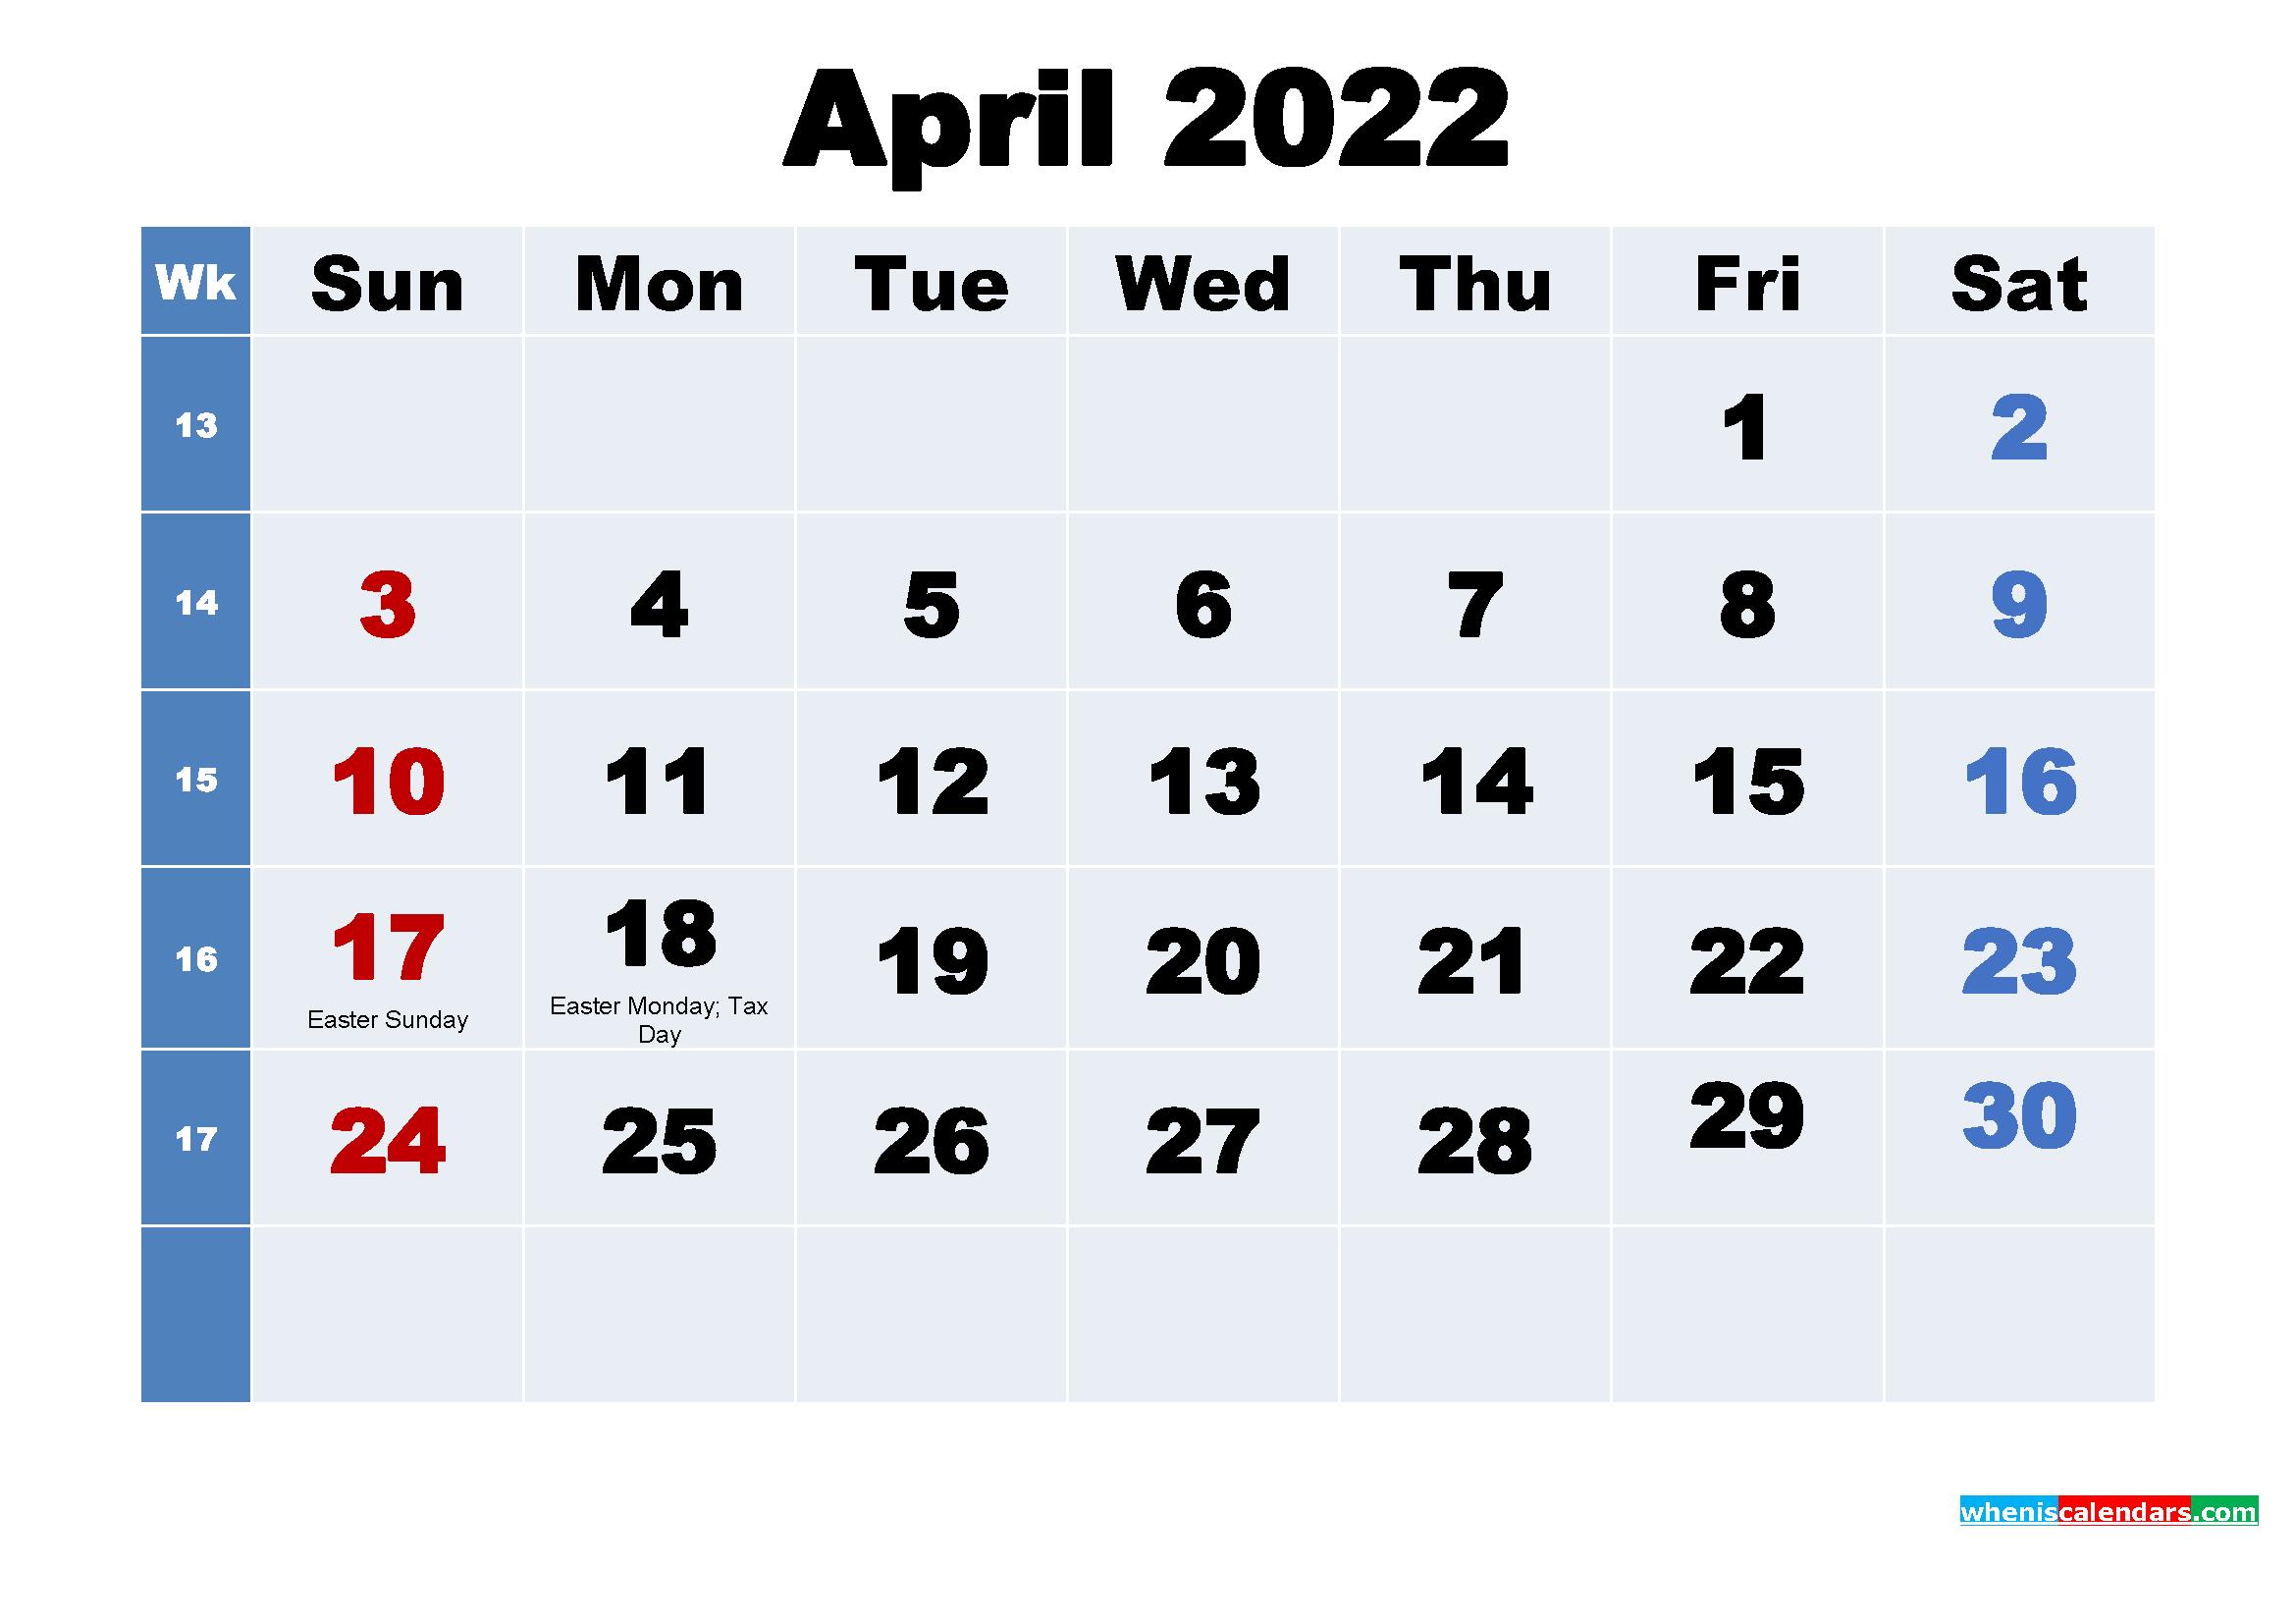 April 2022 Desktop Calendar with Holidays